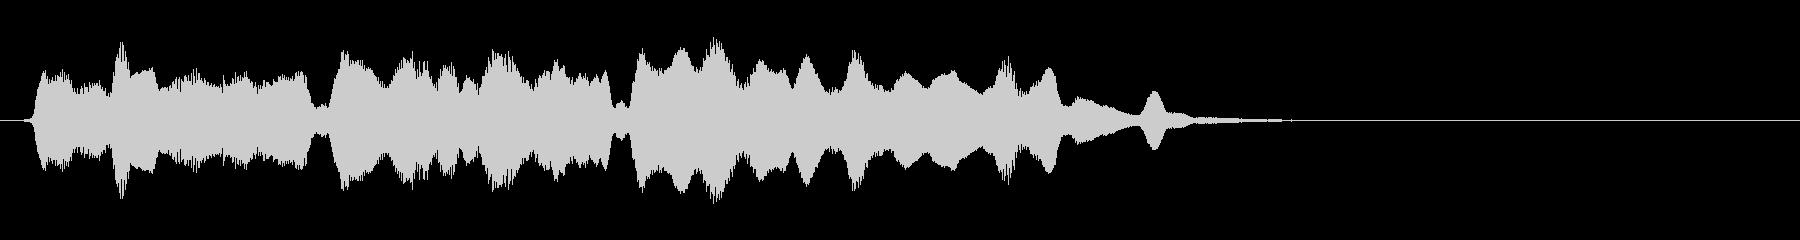 セーブや宿泊に最適なフルートの短い曲の未再生の波形